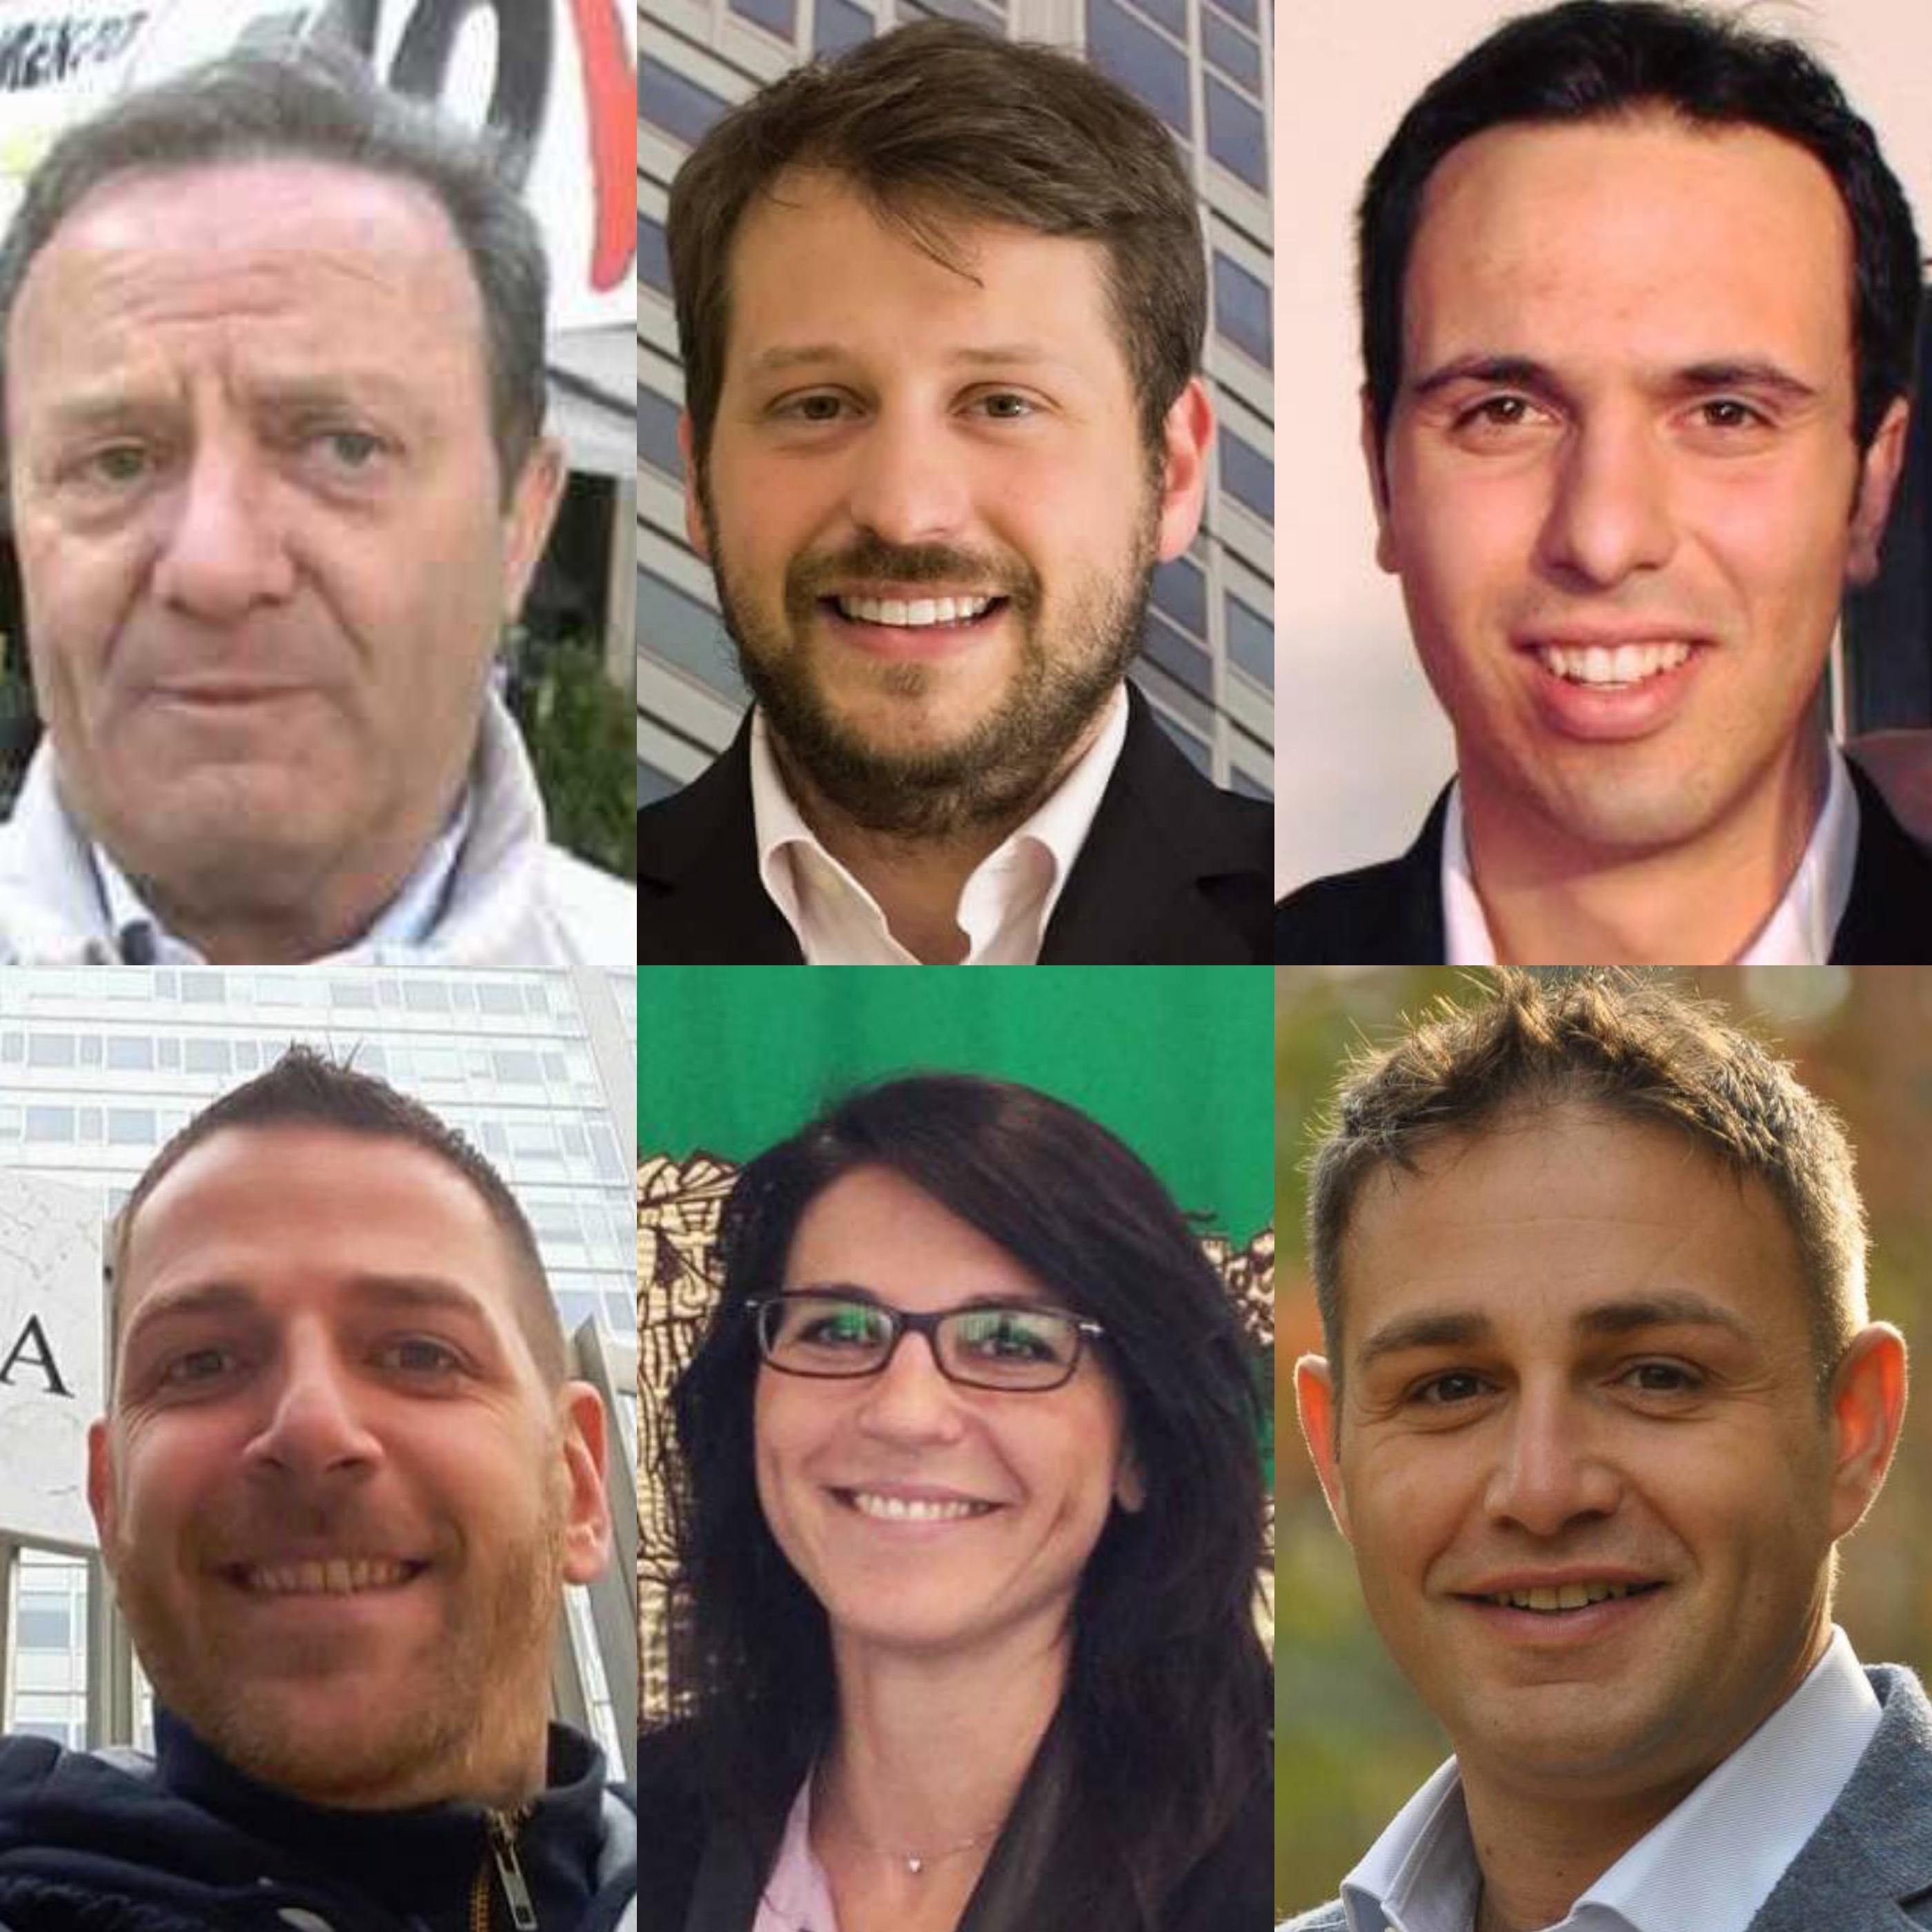 Elezioni Regionali: passa Mauro Piazza, Formenti non eletto